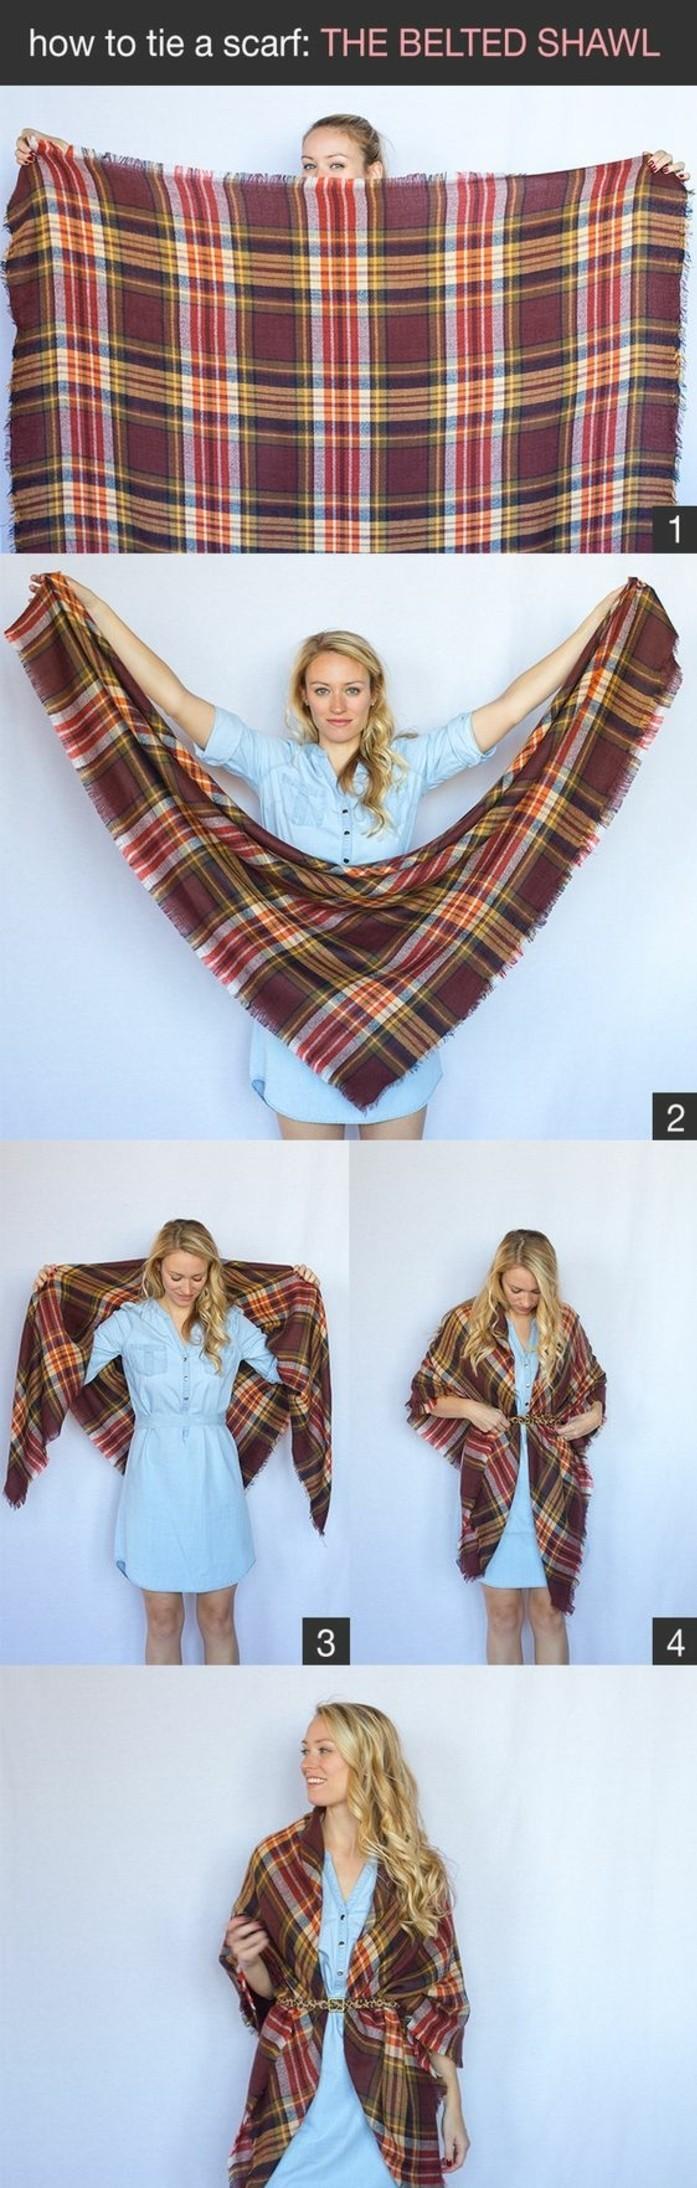 Mille façons d être belle ou comment porter un foulard - Archzine.fr 6c992ea9c9a